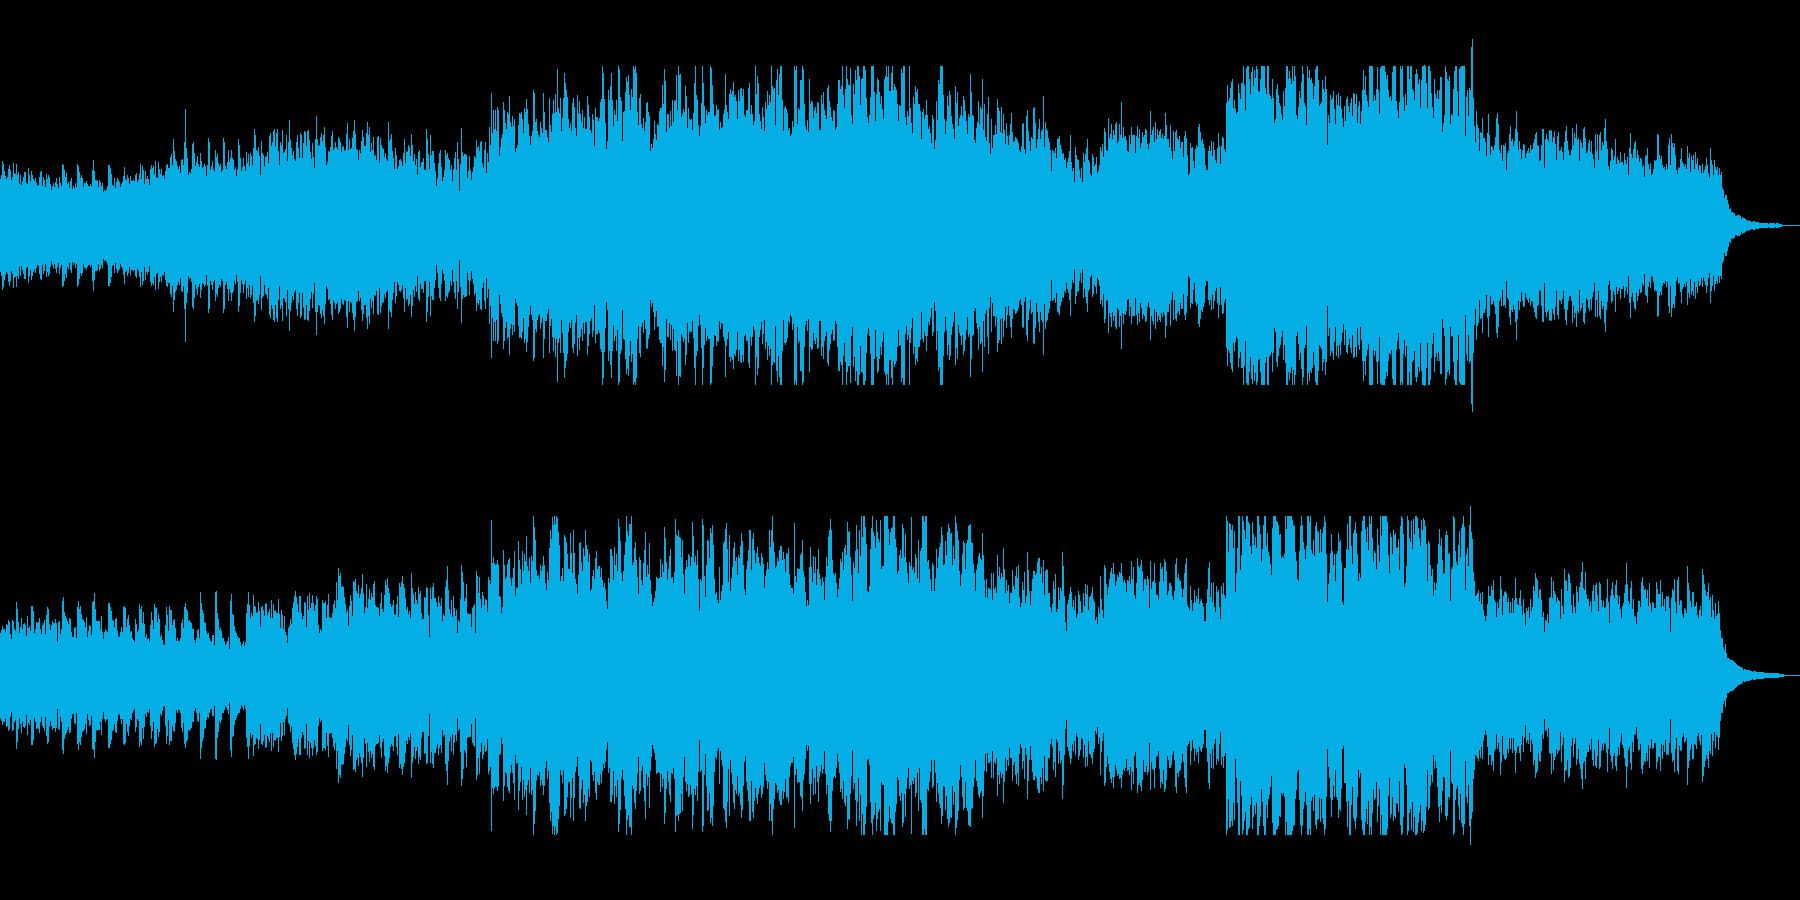 静かな中にも前向きさを感じられる曲の再生済みの波形